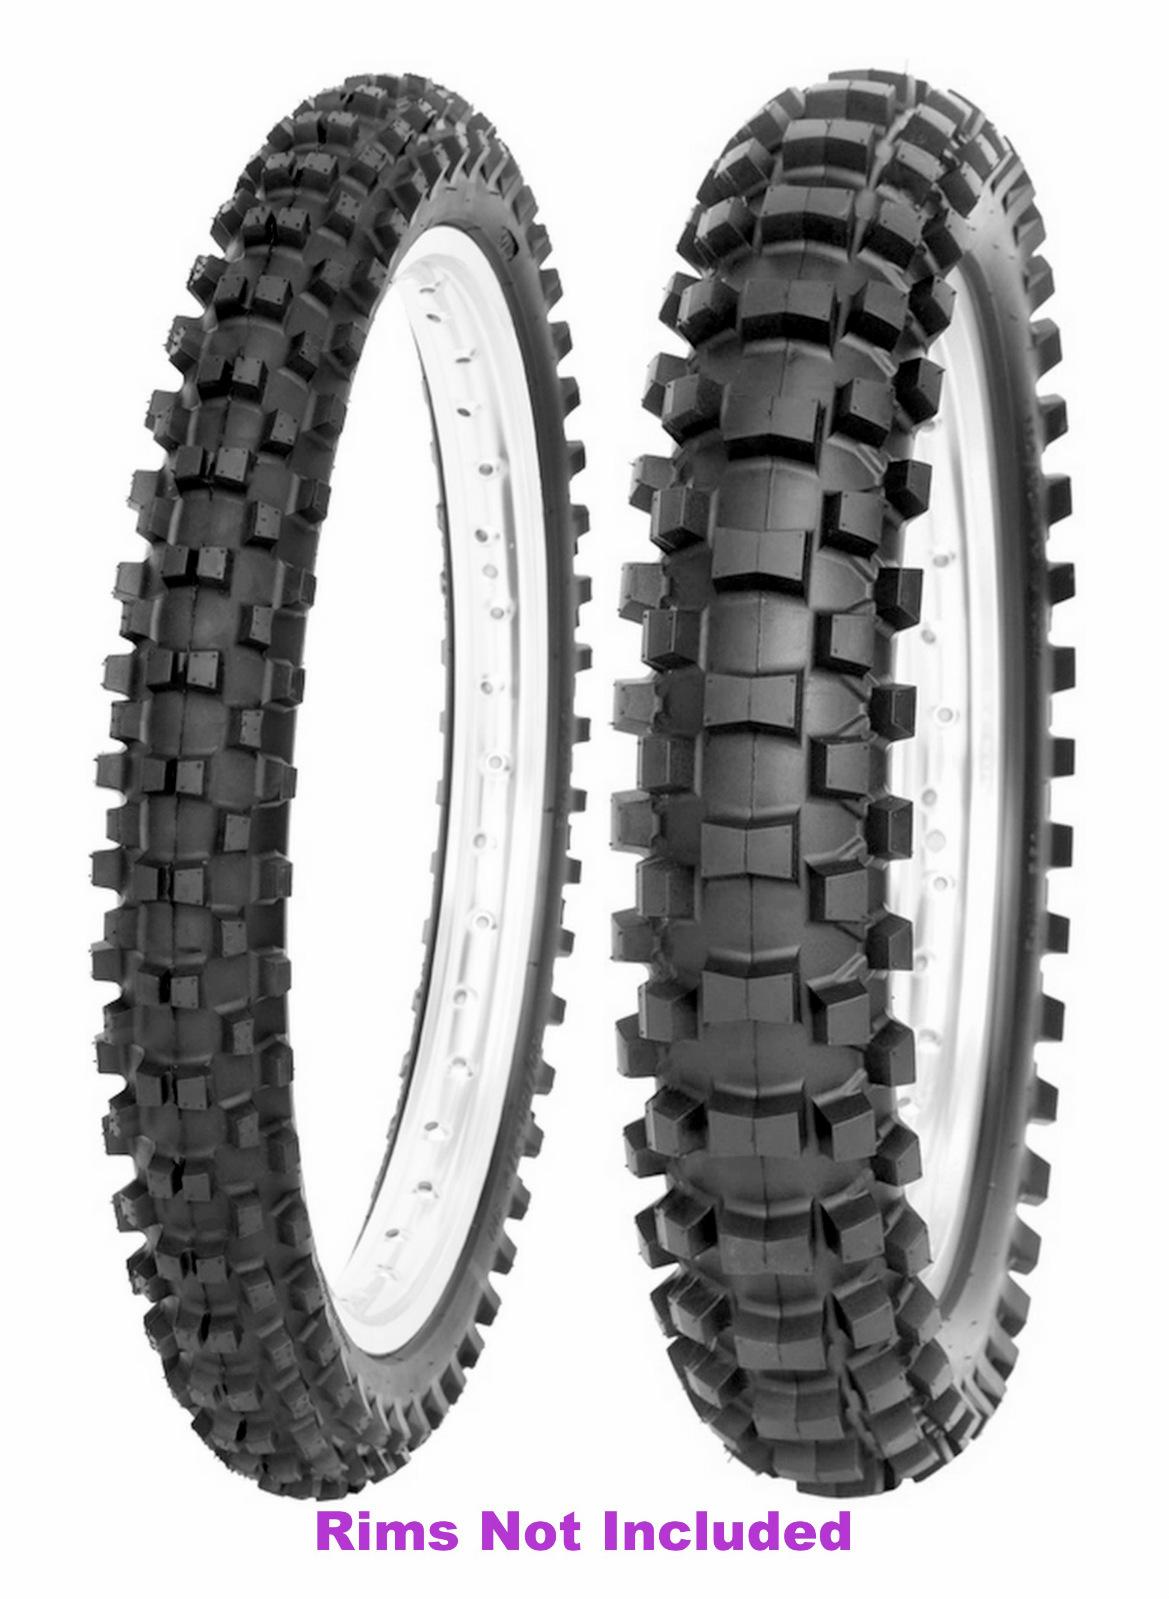 New STI 80//100-21 /& 120//100-18 Tech 2 Pro MX Off Road IT Tire Set